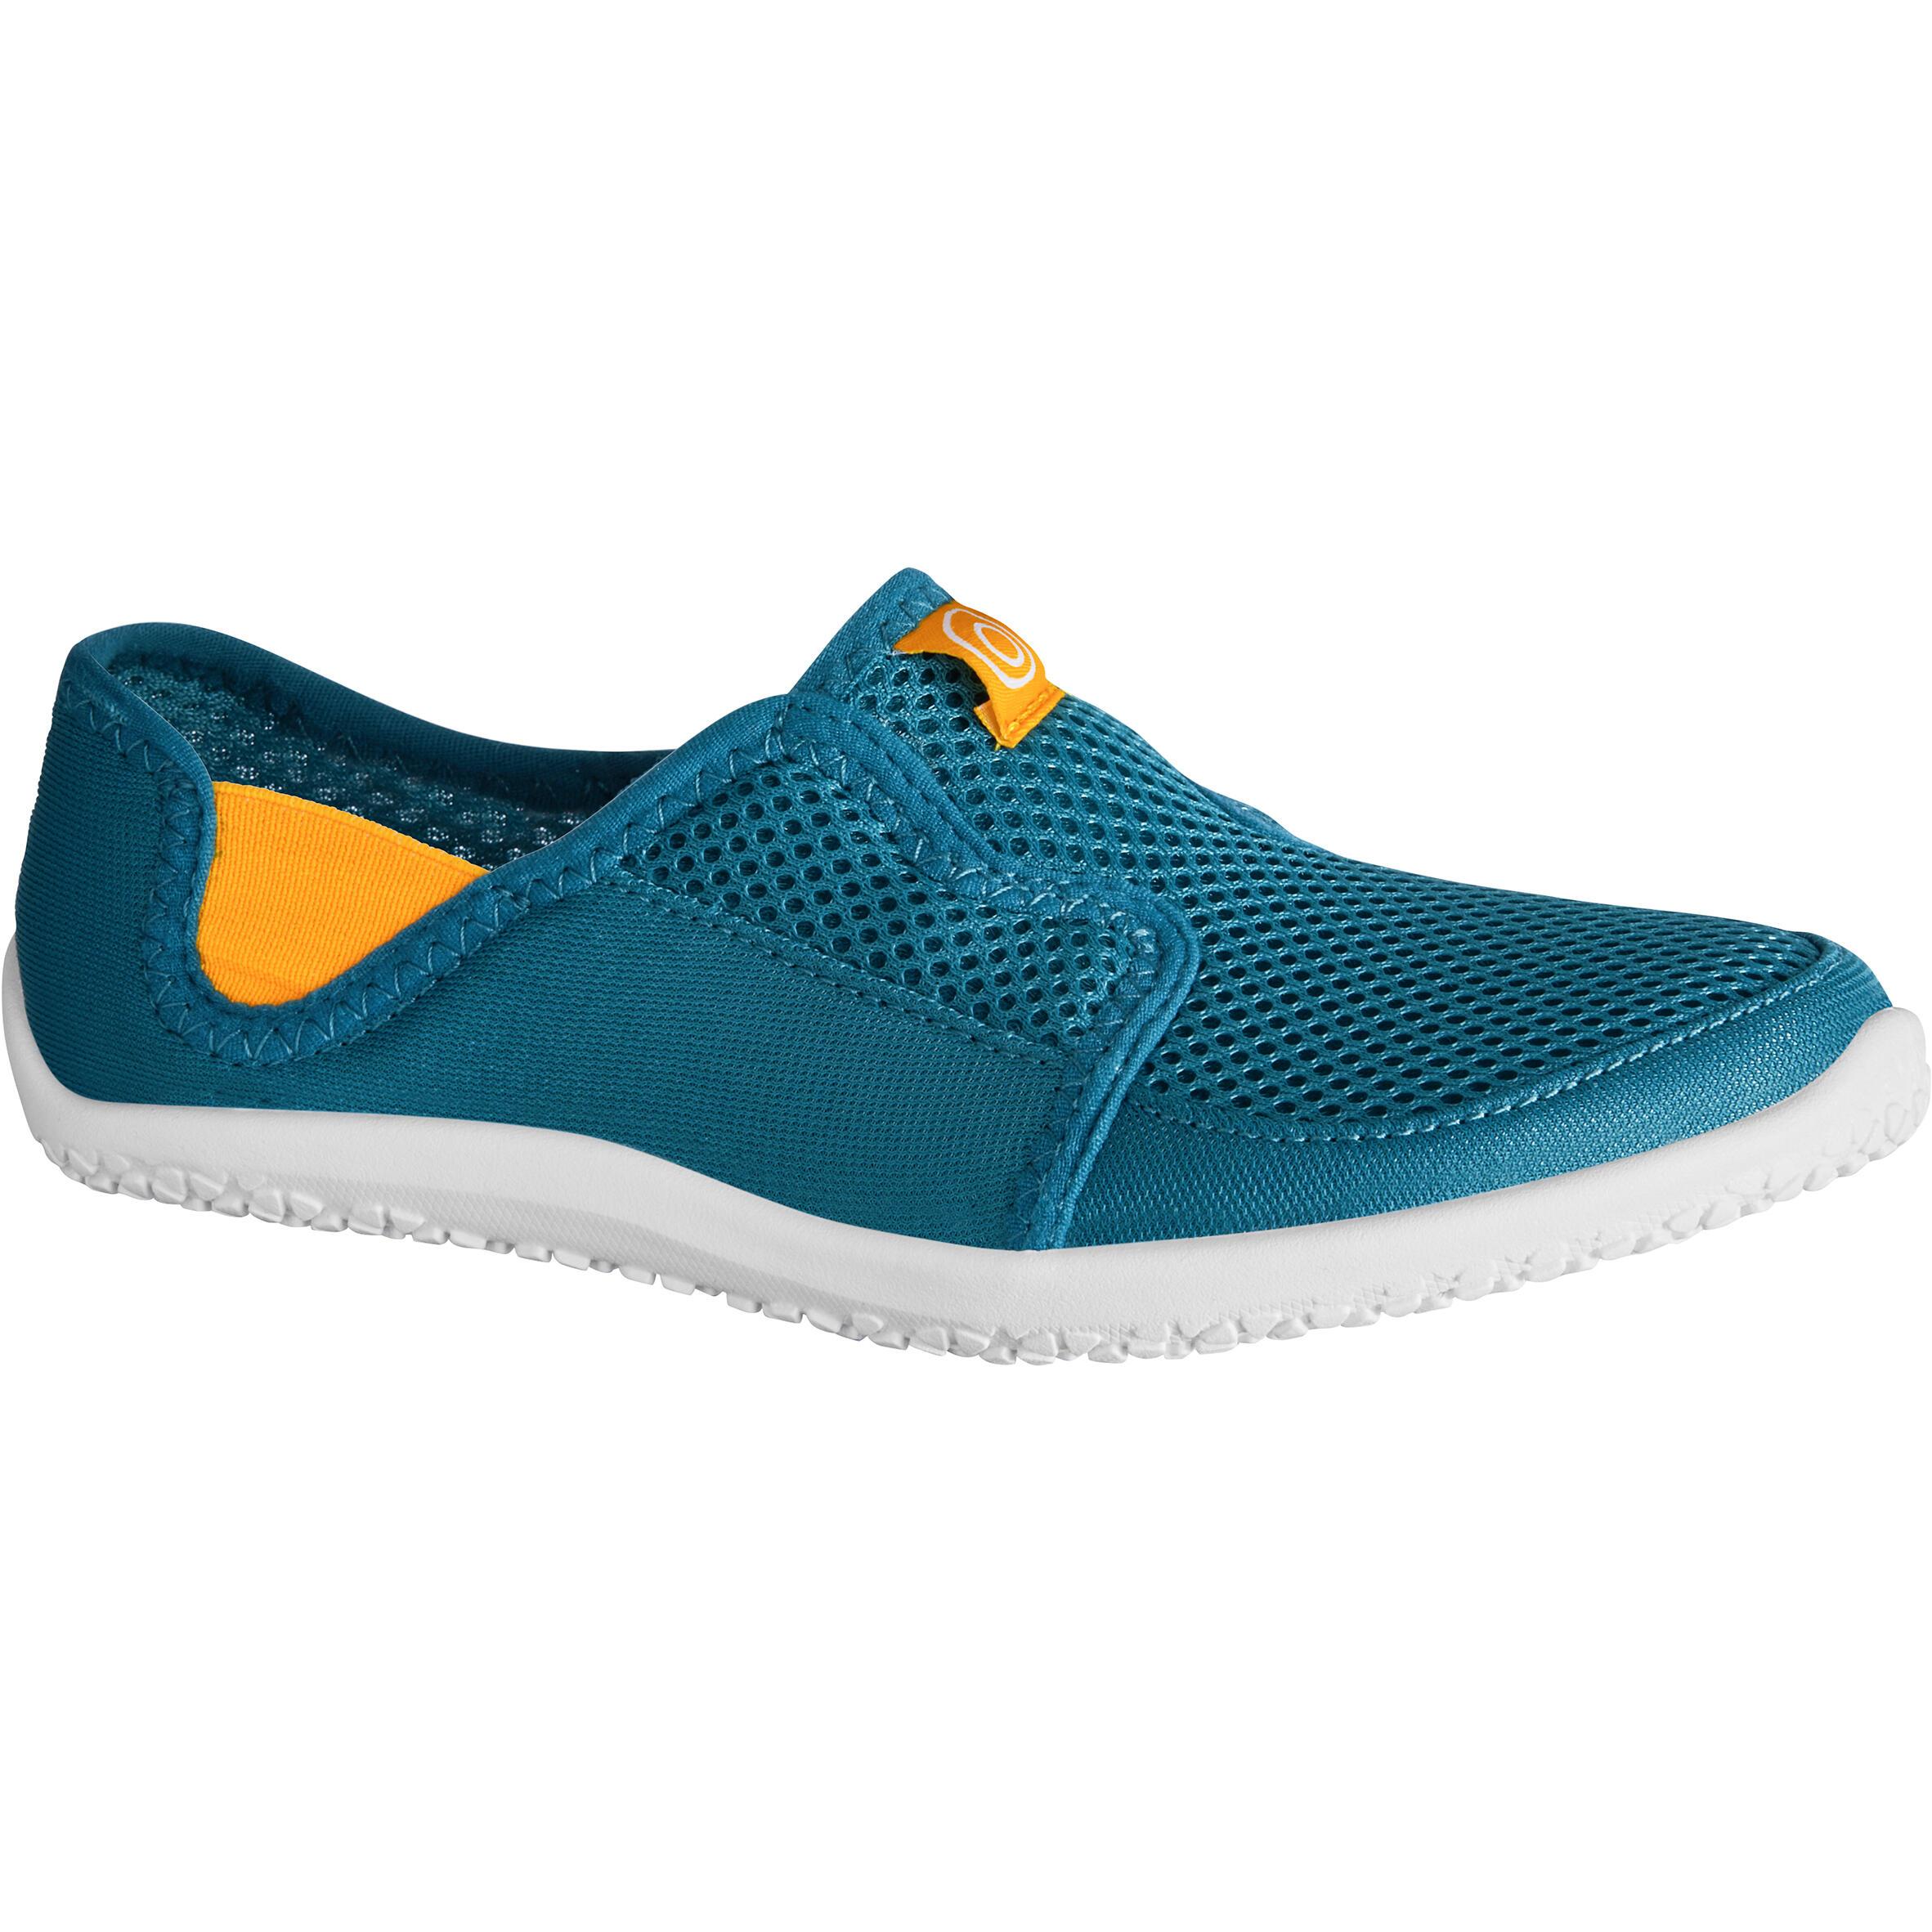 Subea Waterschoenen Aquashoes 120 voor kinderen blauw geel